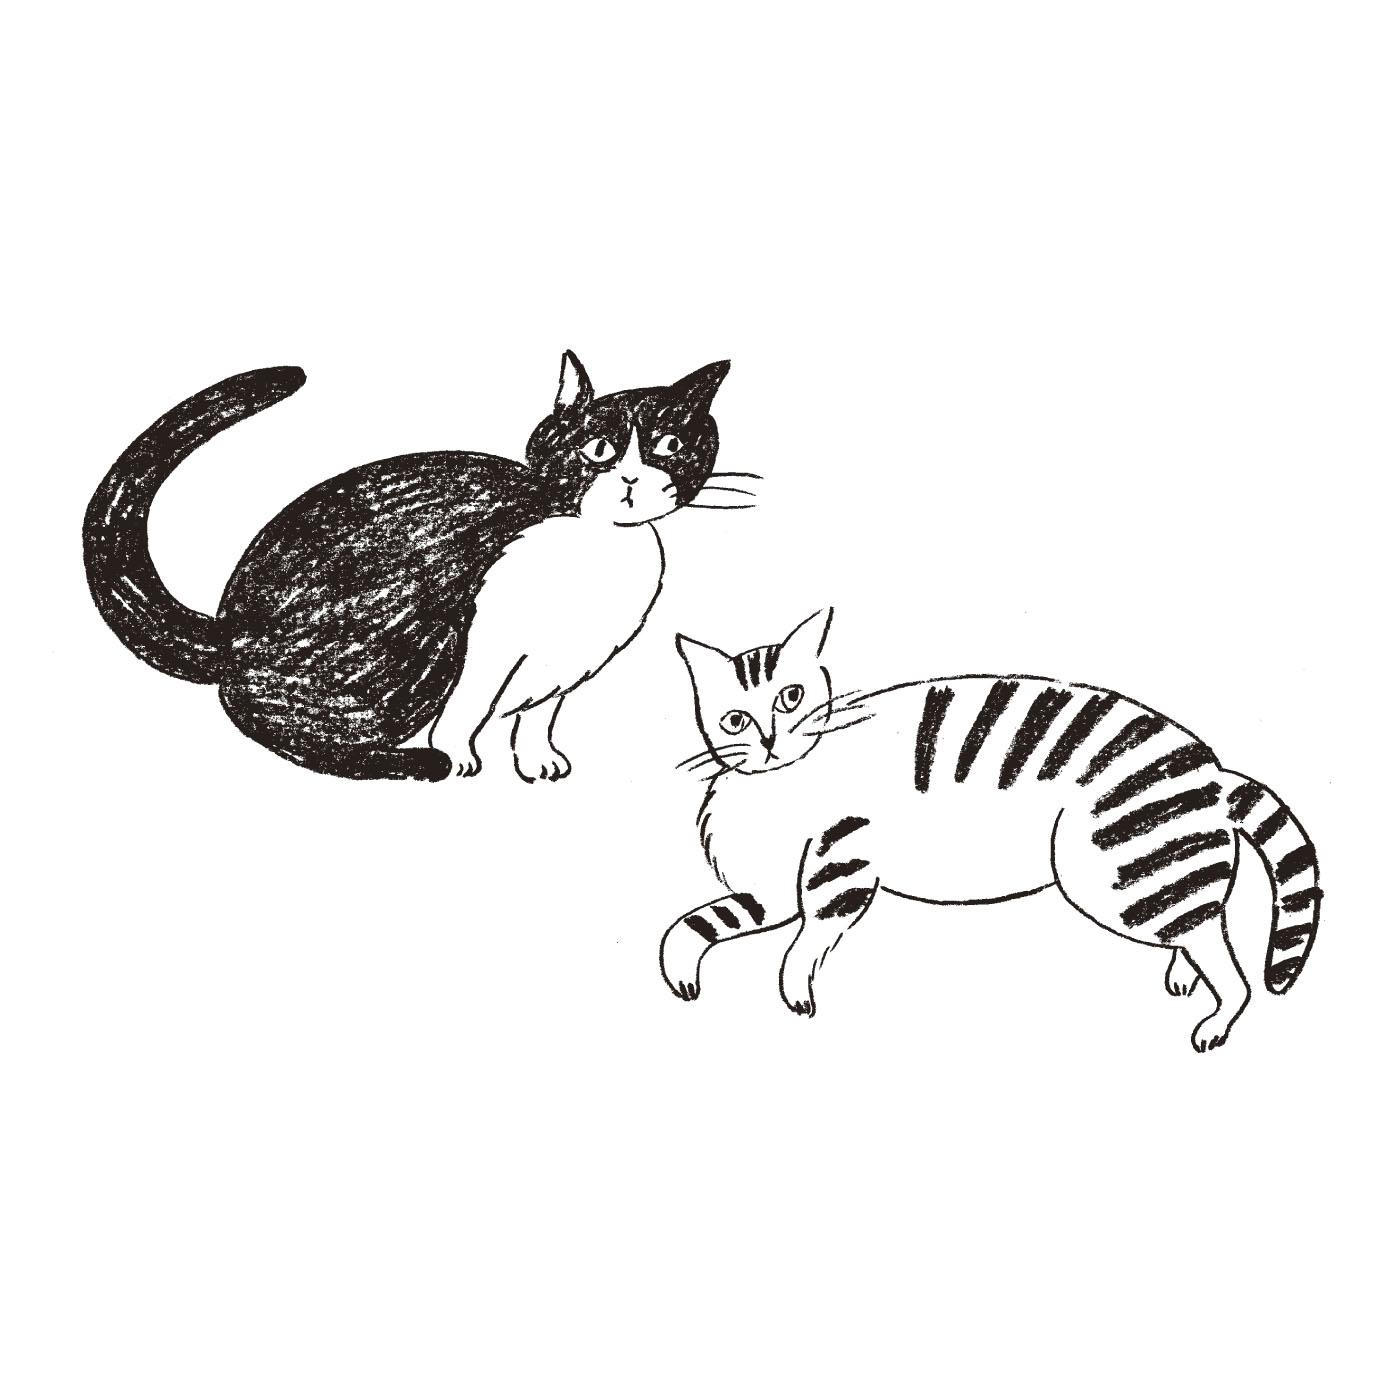 かわいい猫のイラストを描いてくれた人 Profile:松尾ミユキ ニュアンスのある手描きの線と独自の世界観のあるイラストが人気。雑誌、書籍、パッケージなどの他、食器やファブリックといったプロダクトのイラストレーションを手がけている。